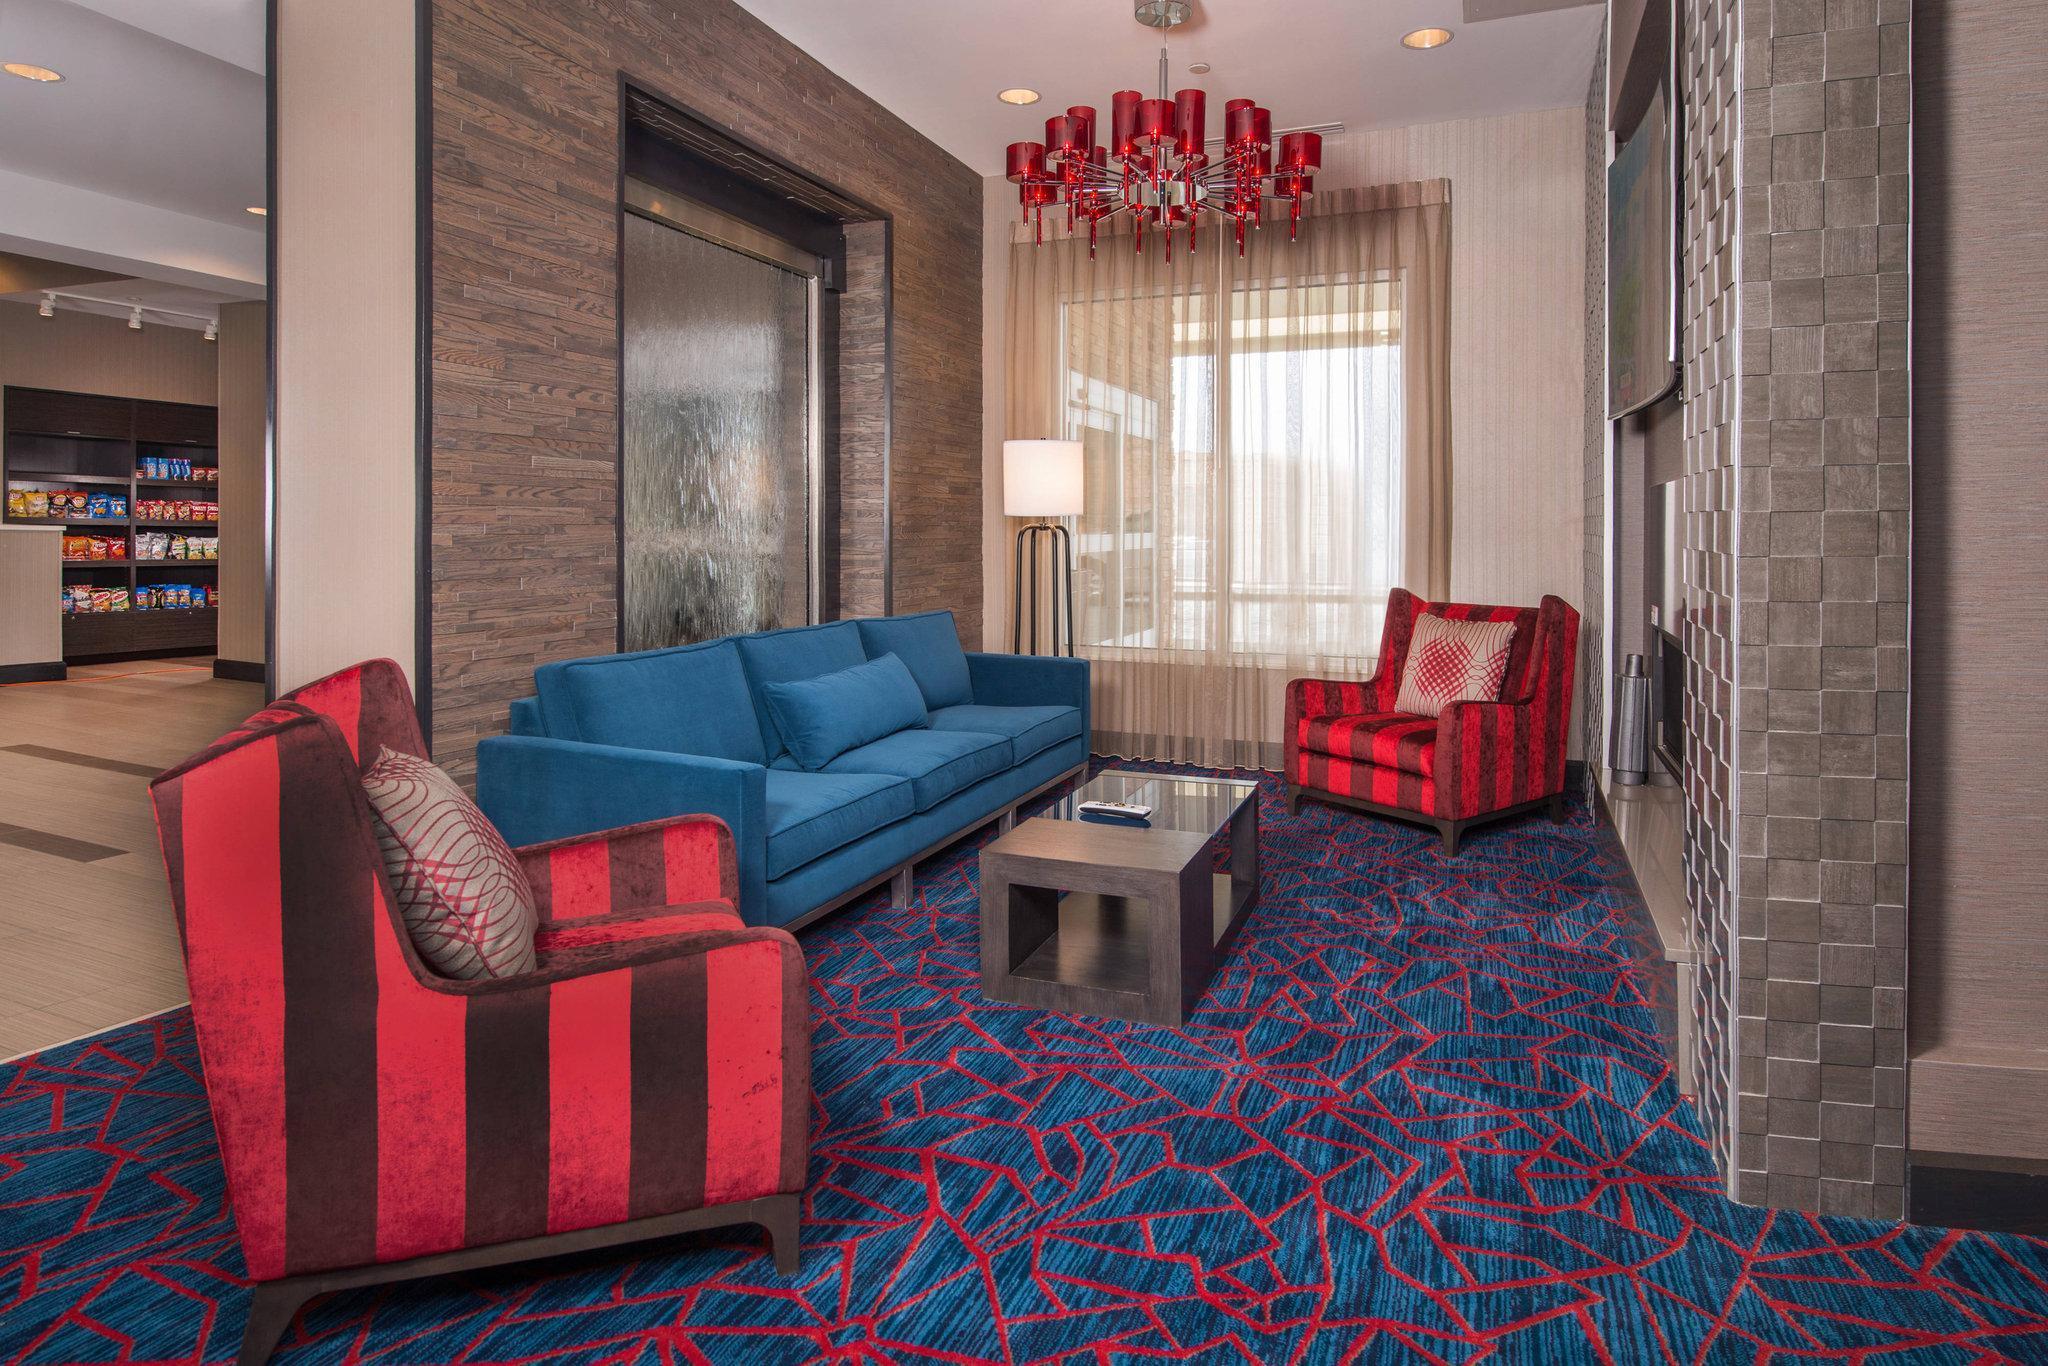 Fairfield Inn And Suites Altoona